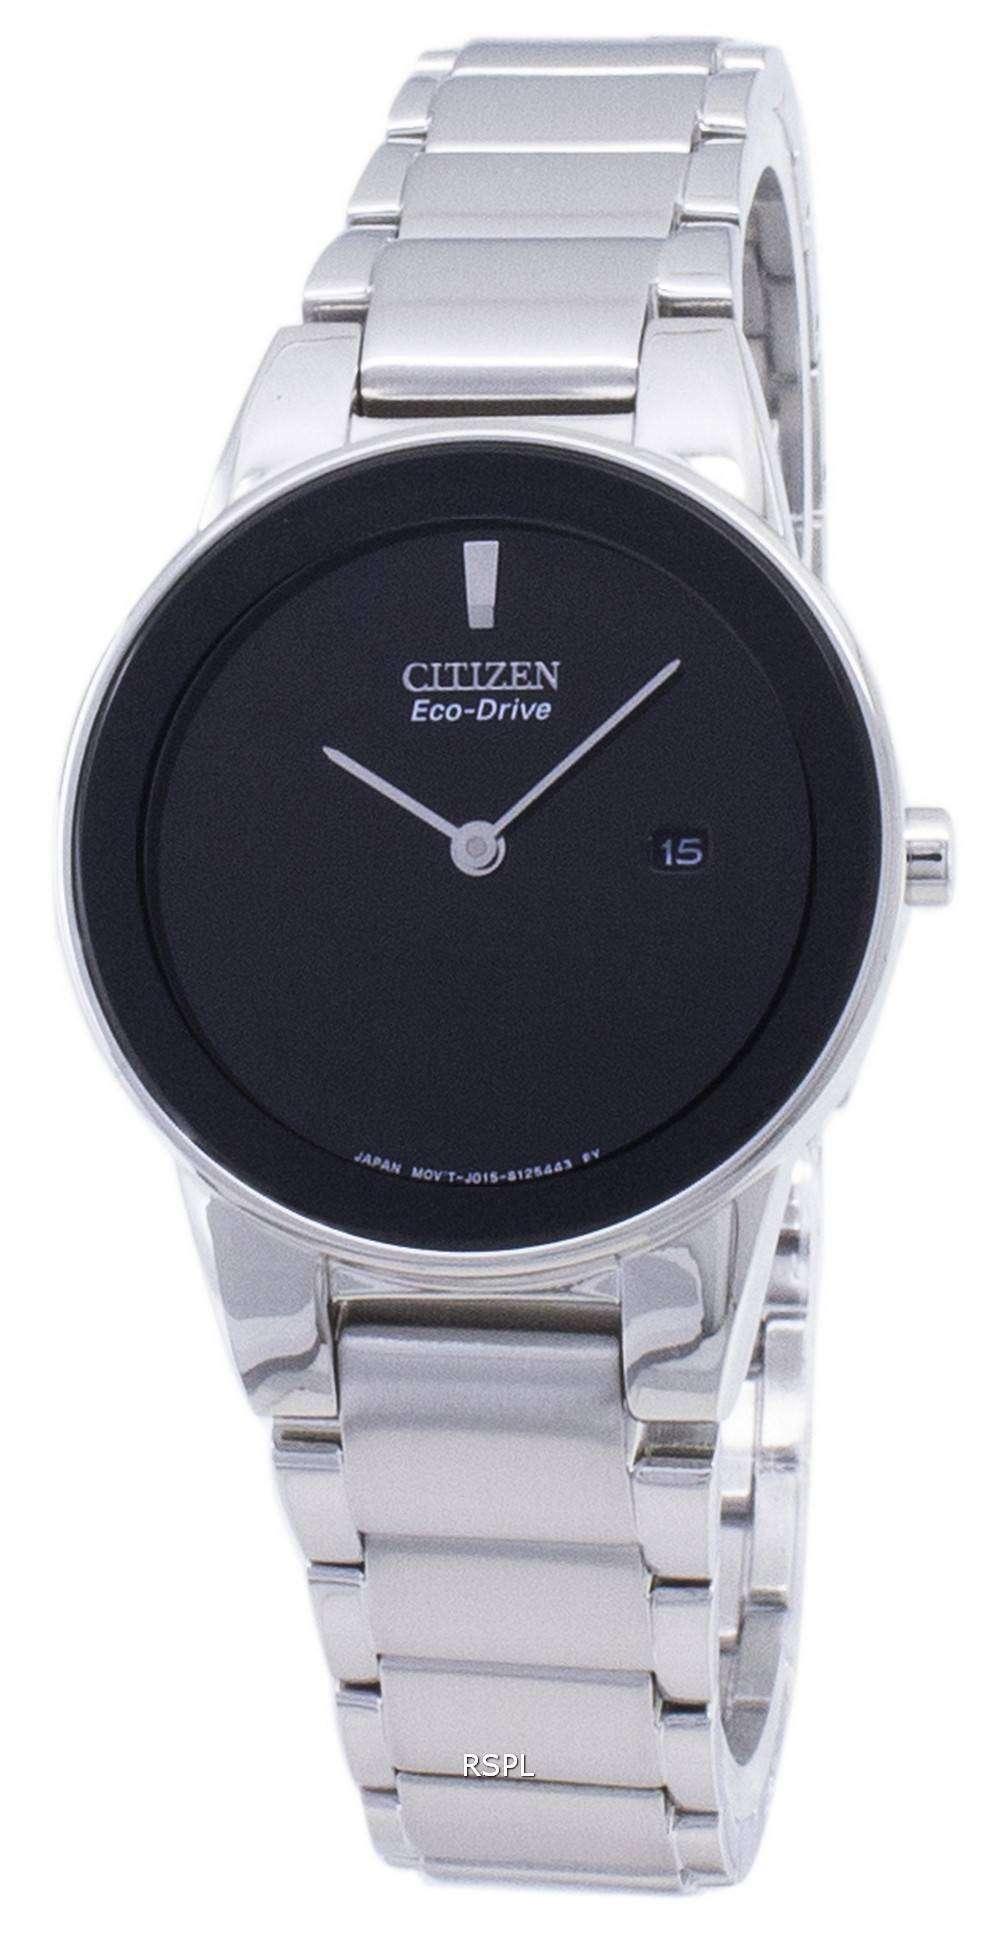 Citizen 시티즌 시계 에코 드라이브 GA1050-51E 아날로그 여성용 손목시계